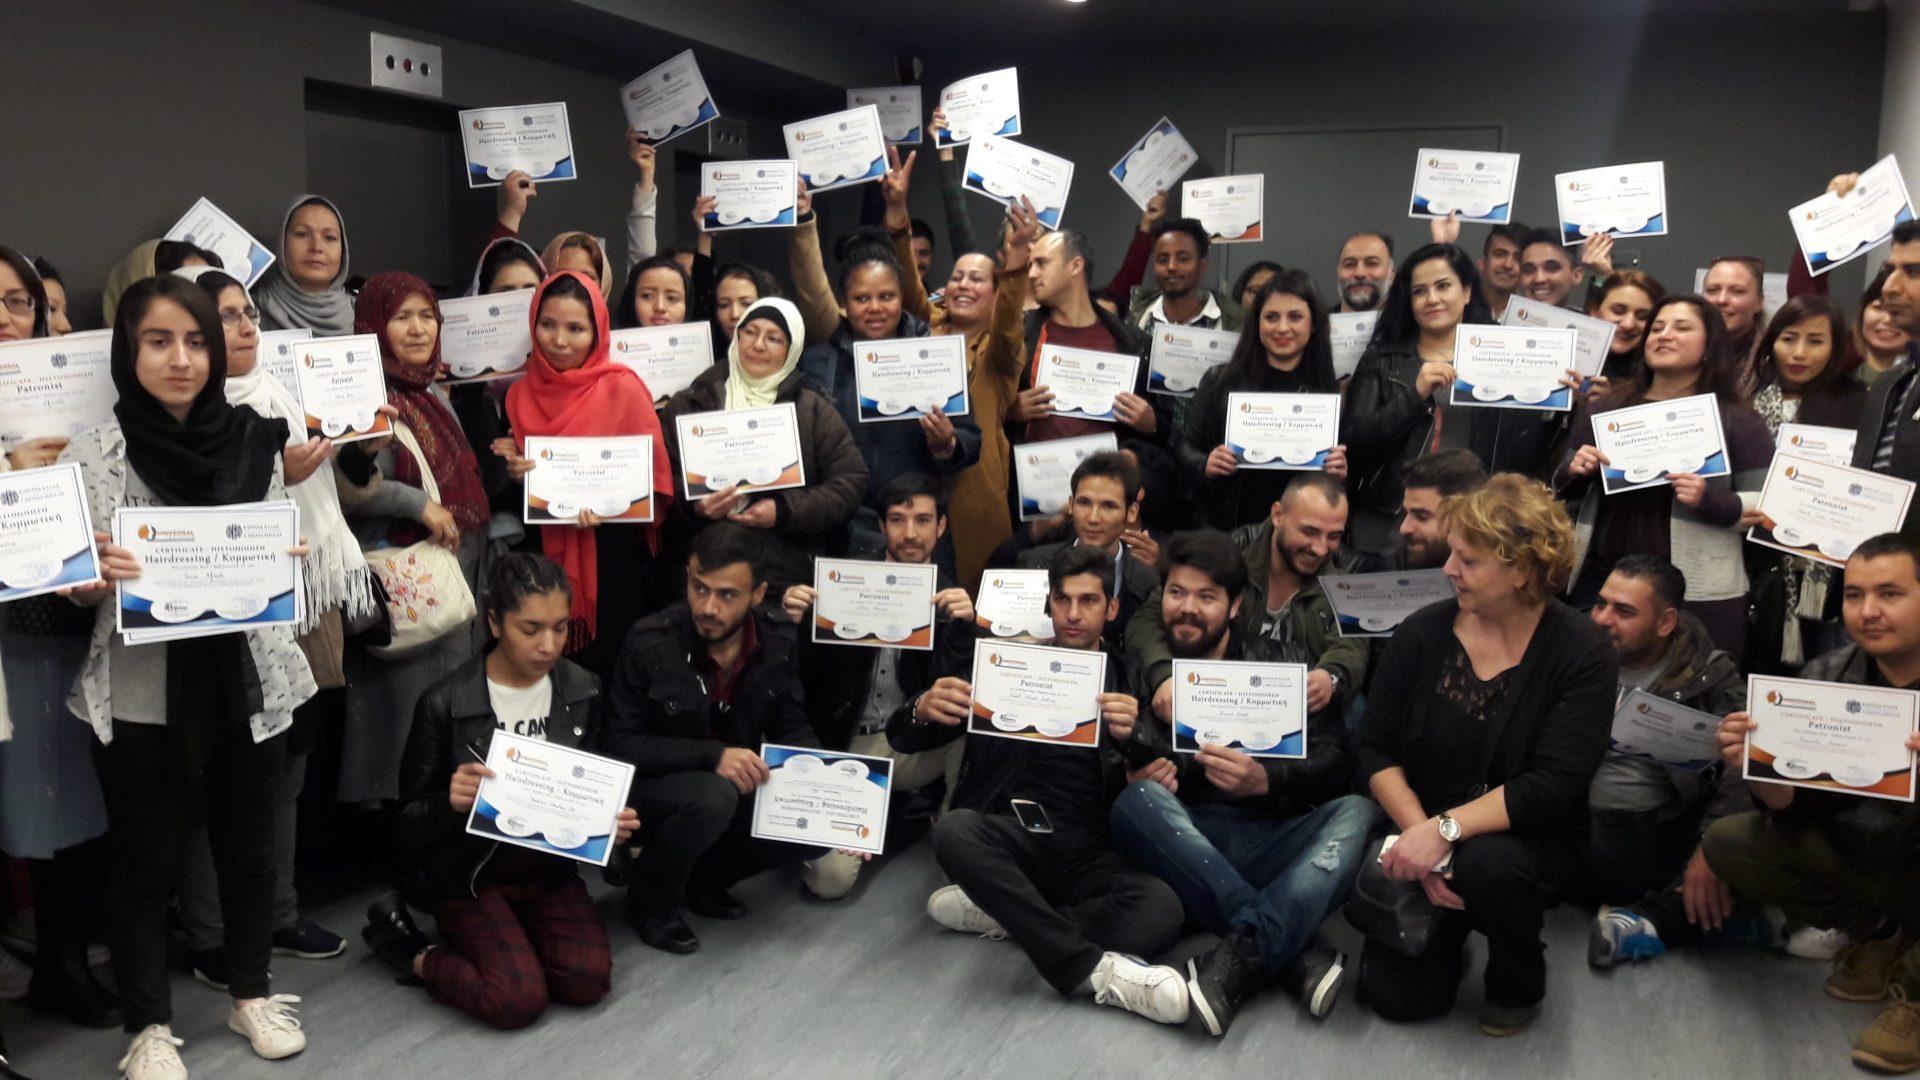 Το Πρόγραμμα Εκπαίδευσης Προσφύγων και Μεταναστών στην «Καθημερινή»